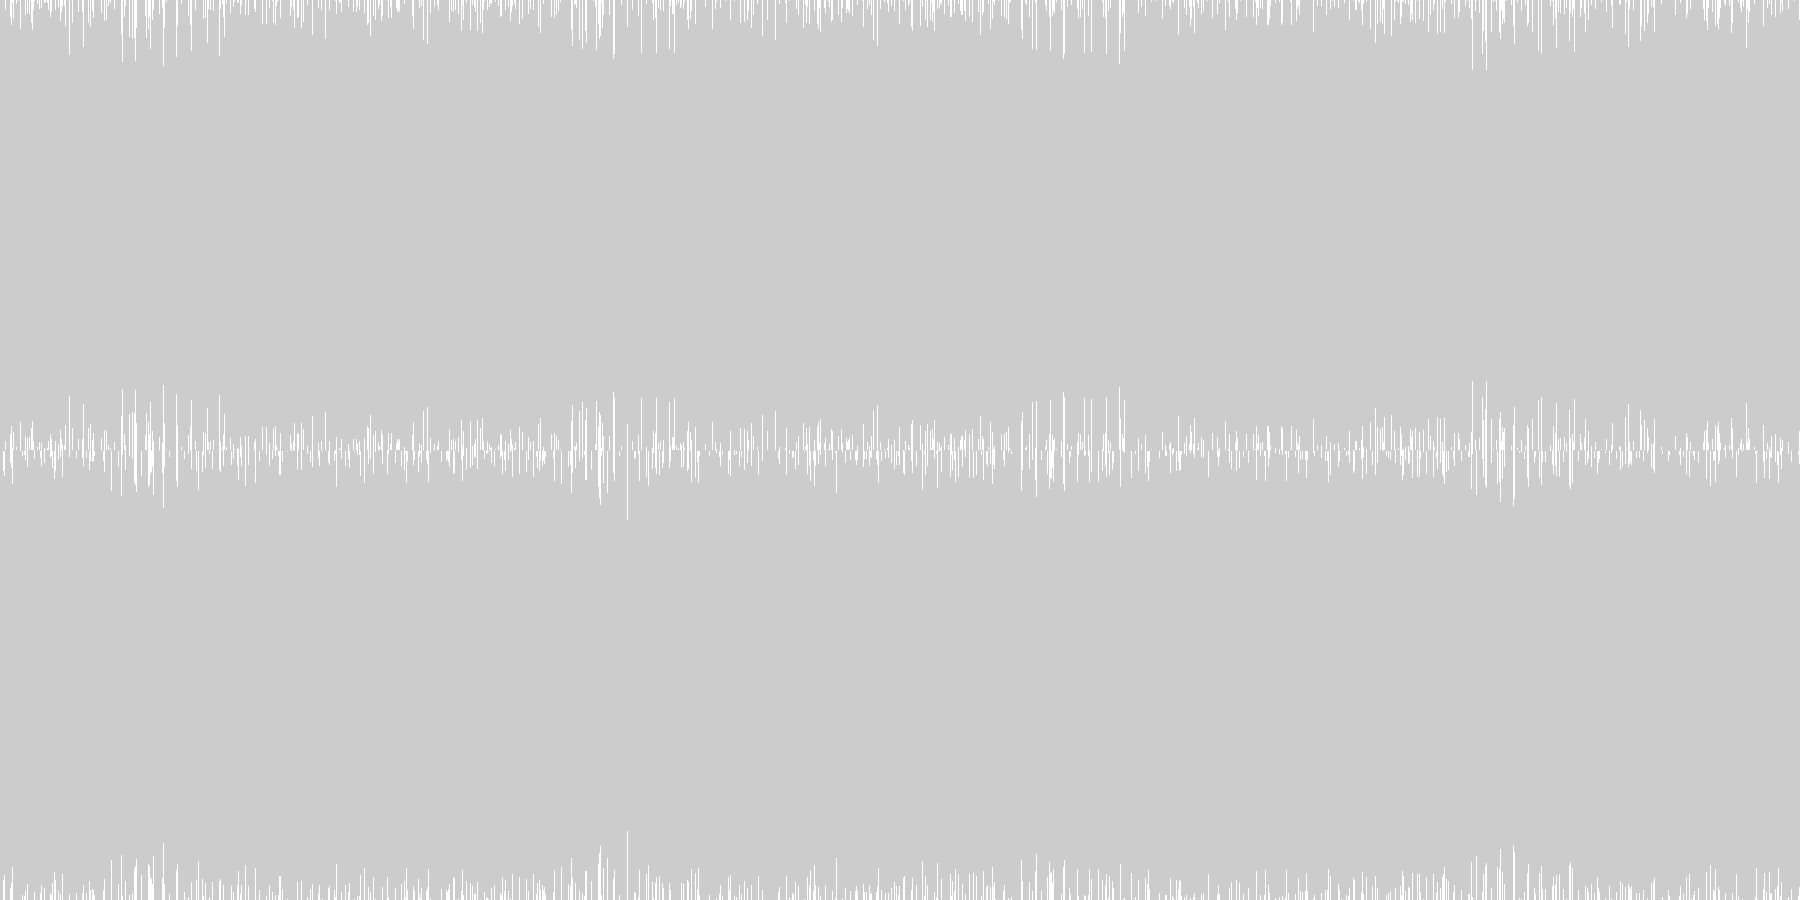 疾走感のあるパンキッシュロックの未再生の波形